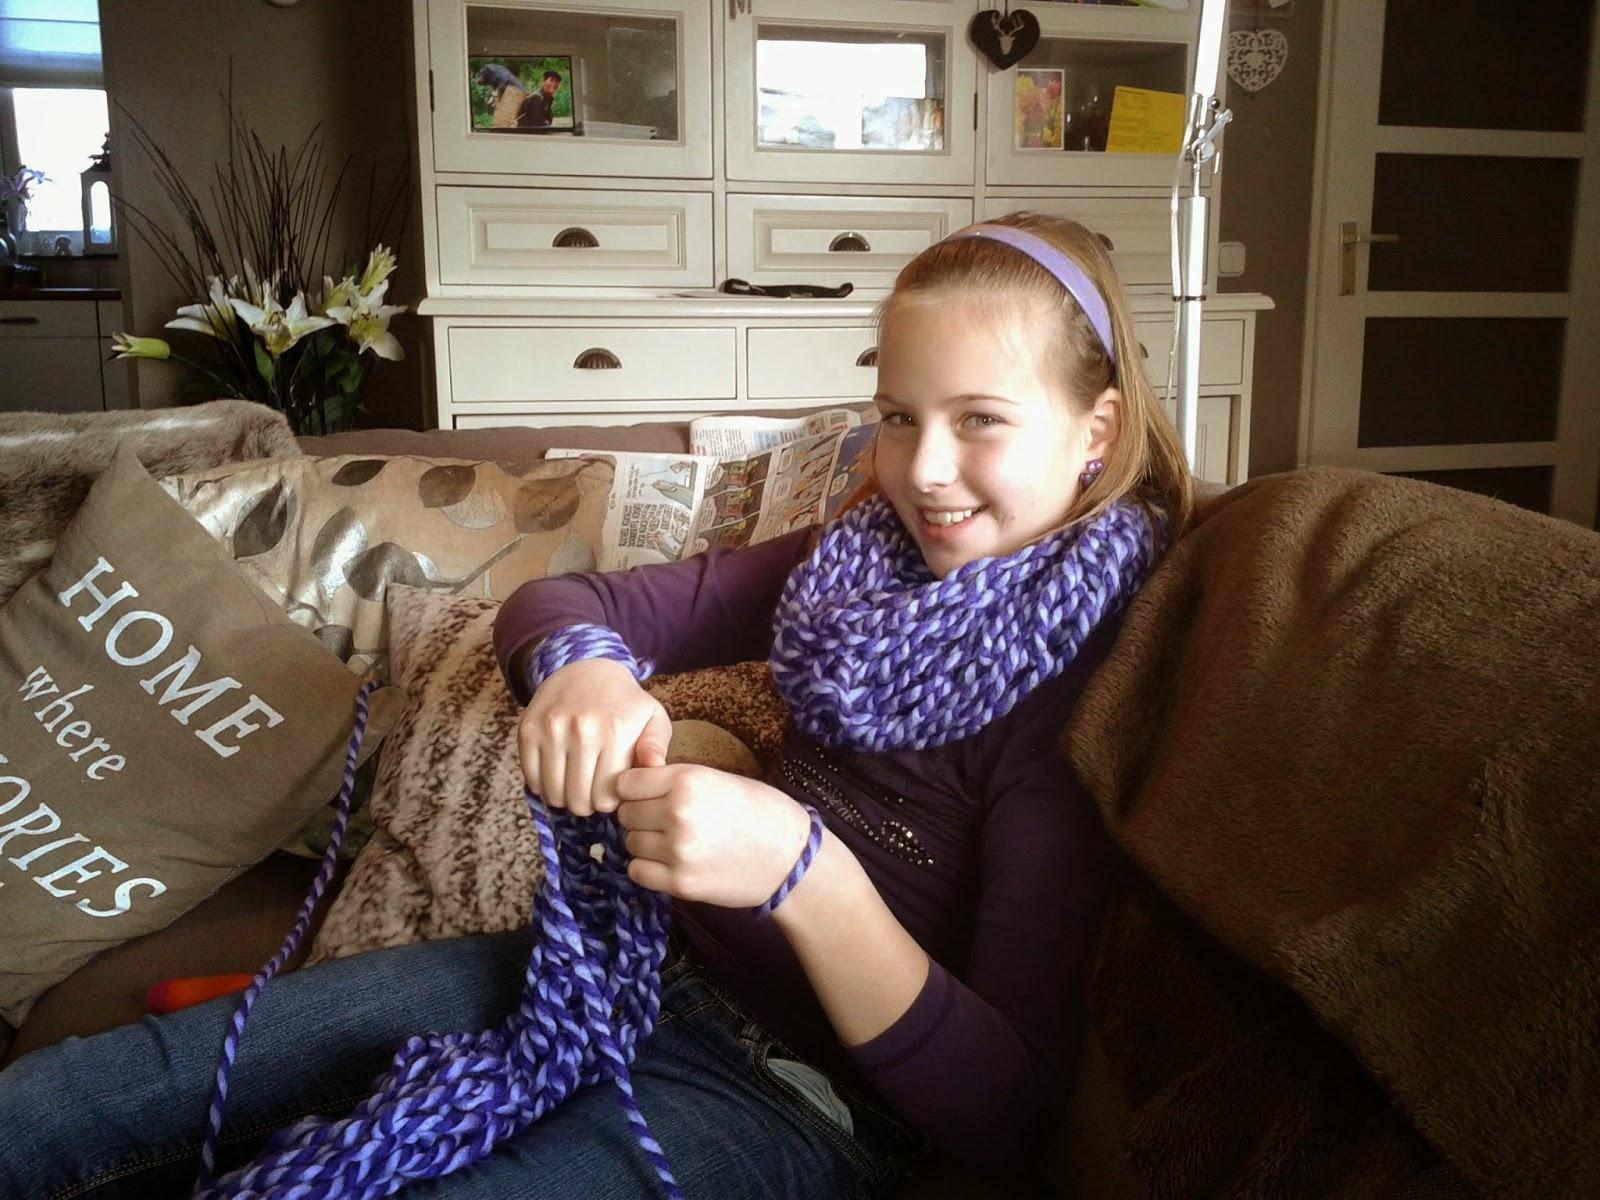 Op de arm gebreide sjaal